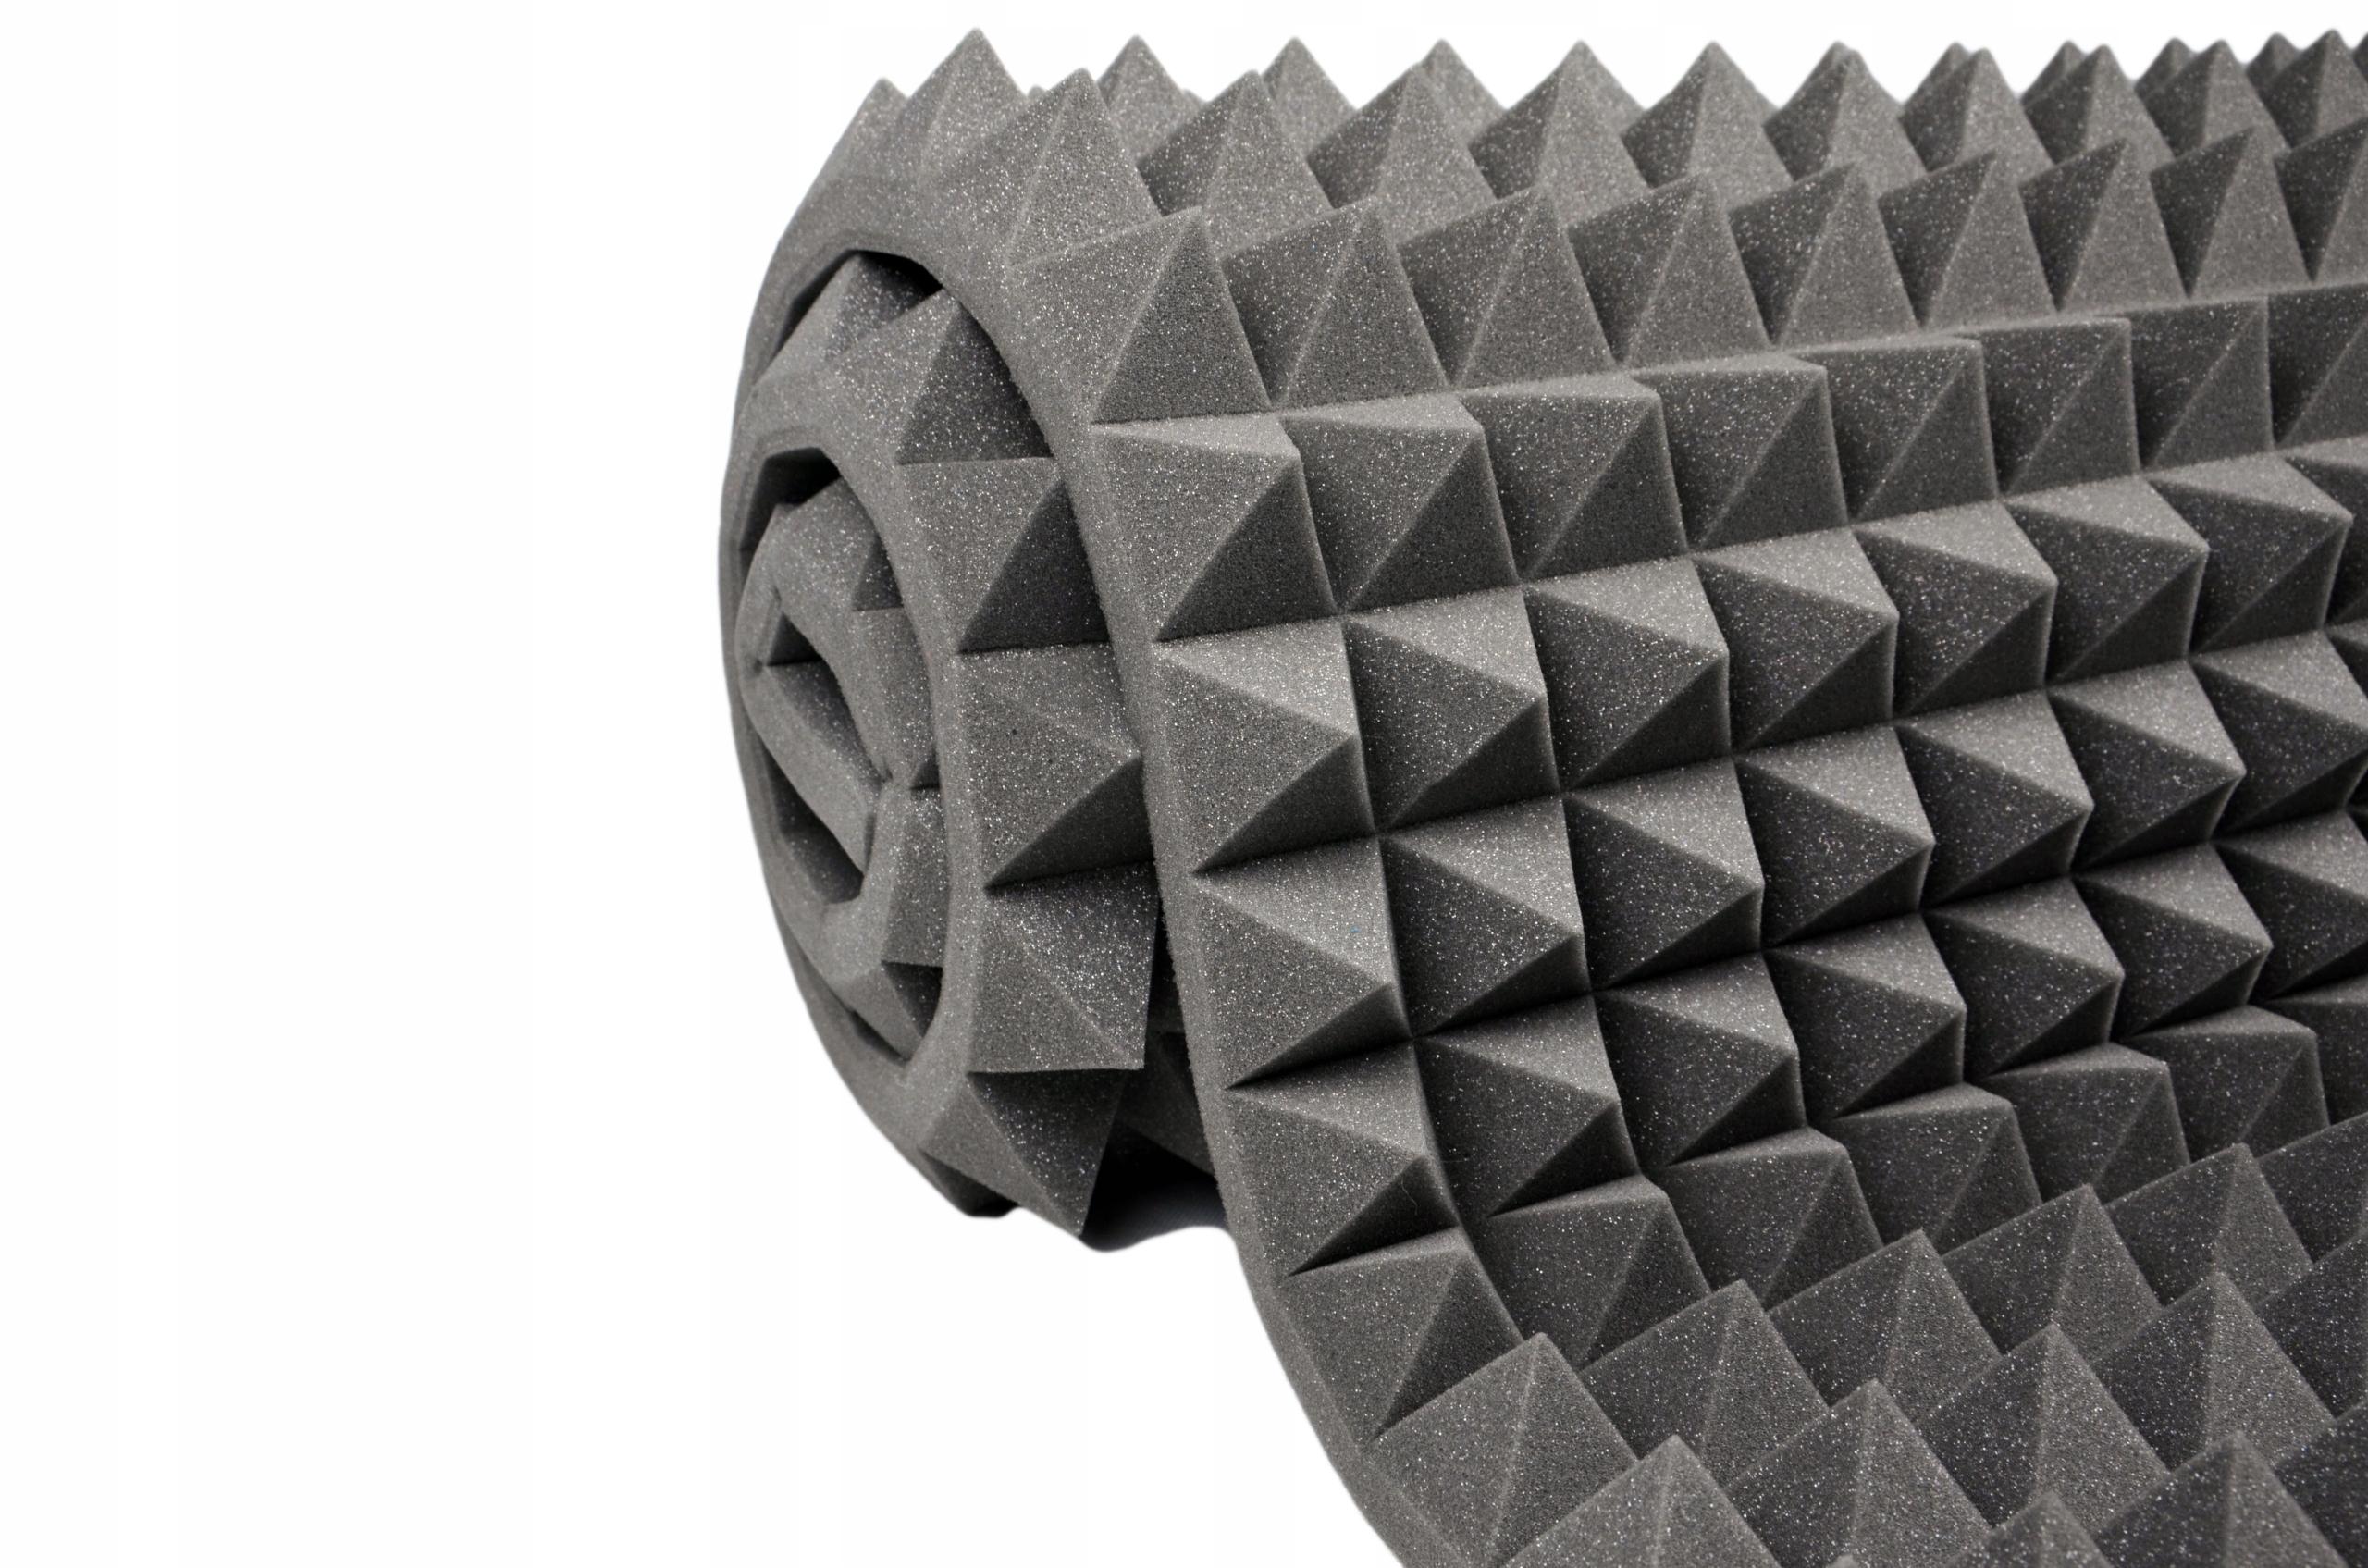 Звукоизолирующий коврик из акустической пены 6 см